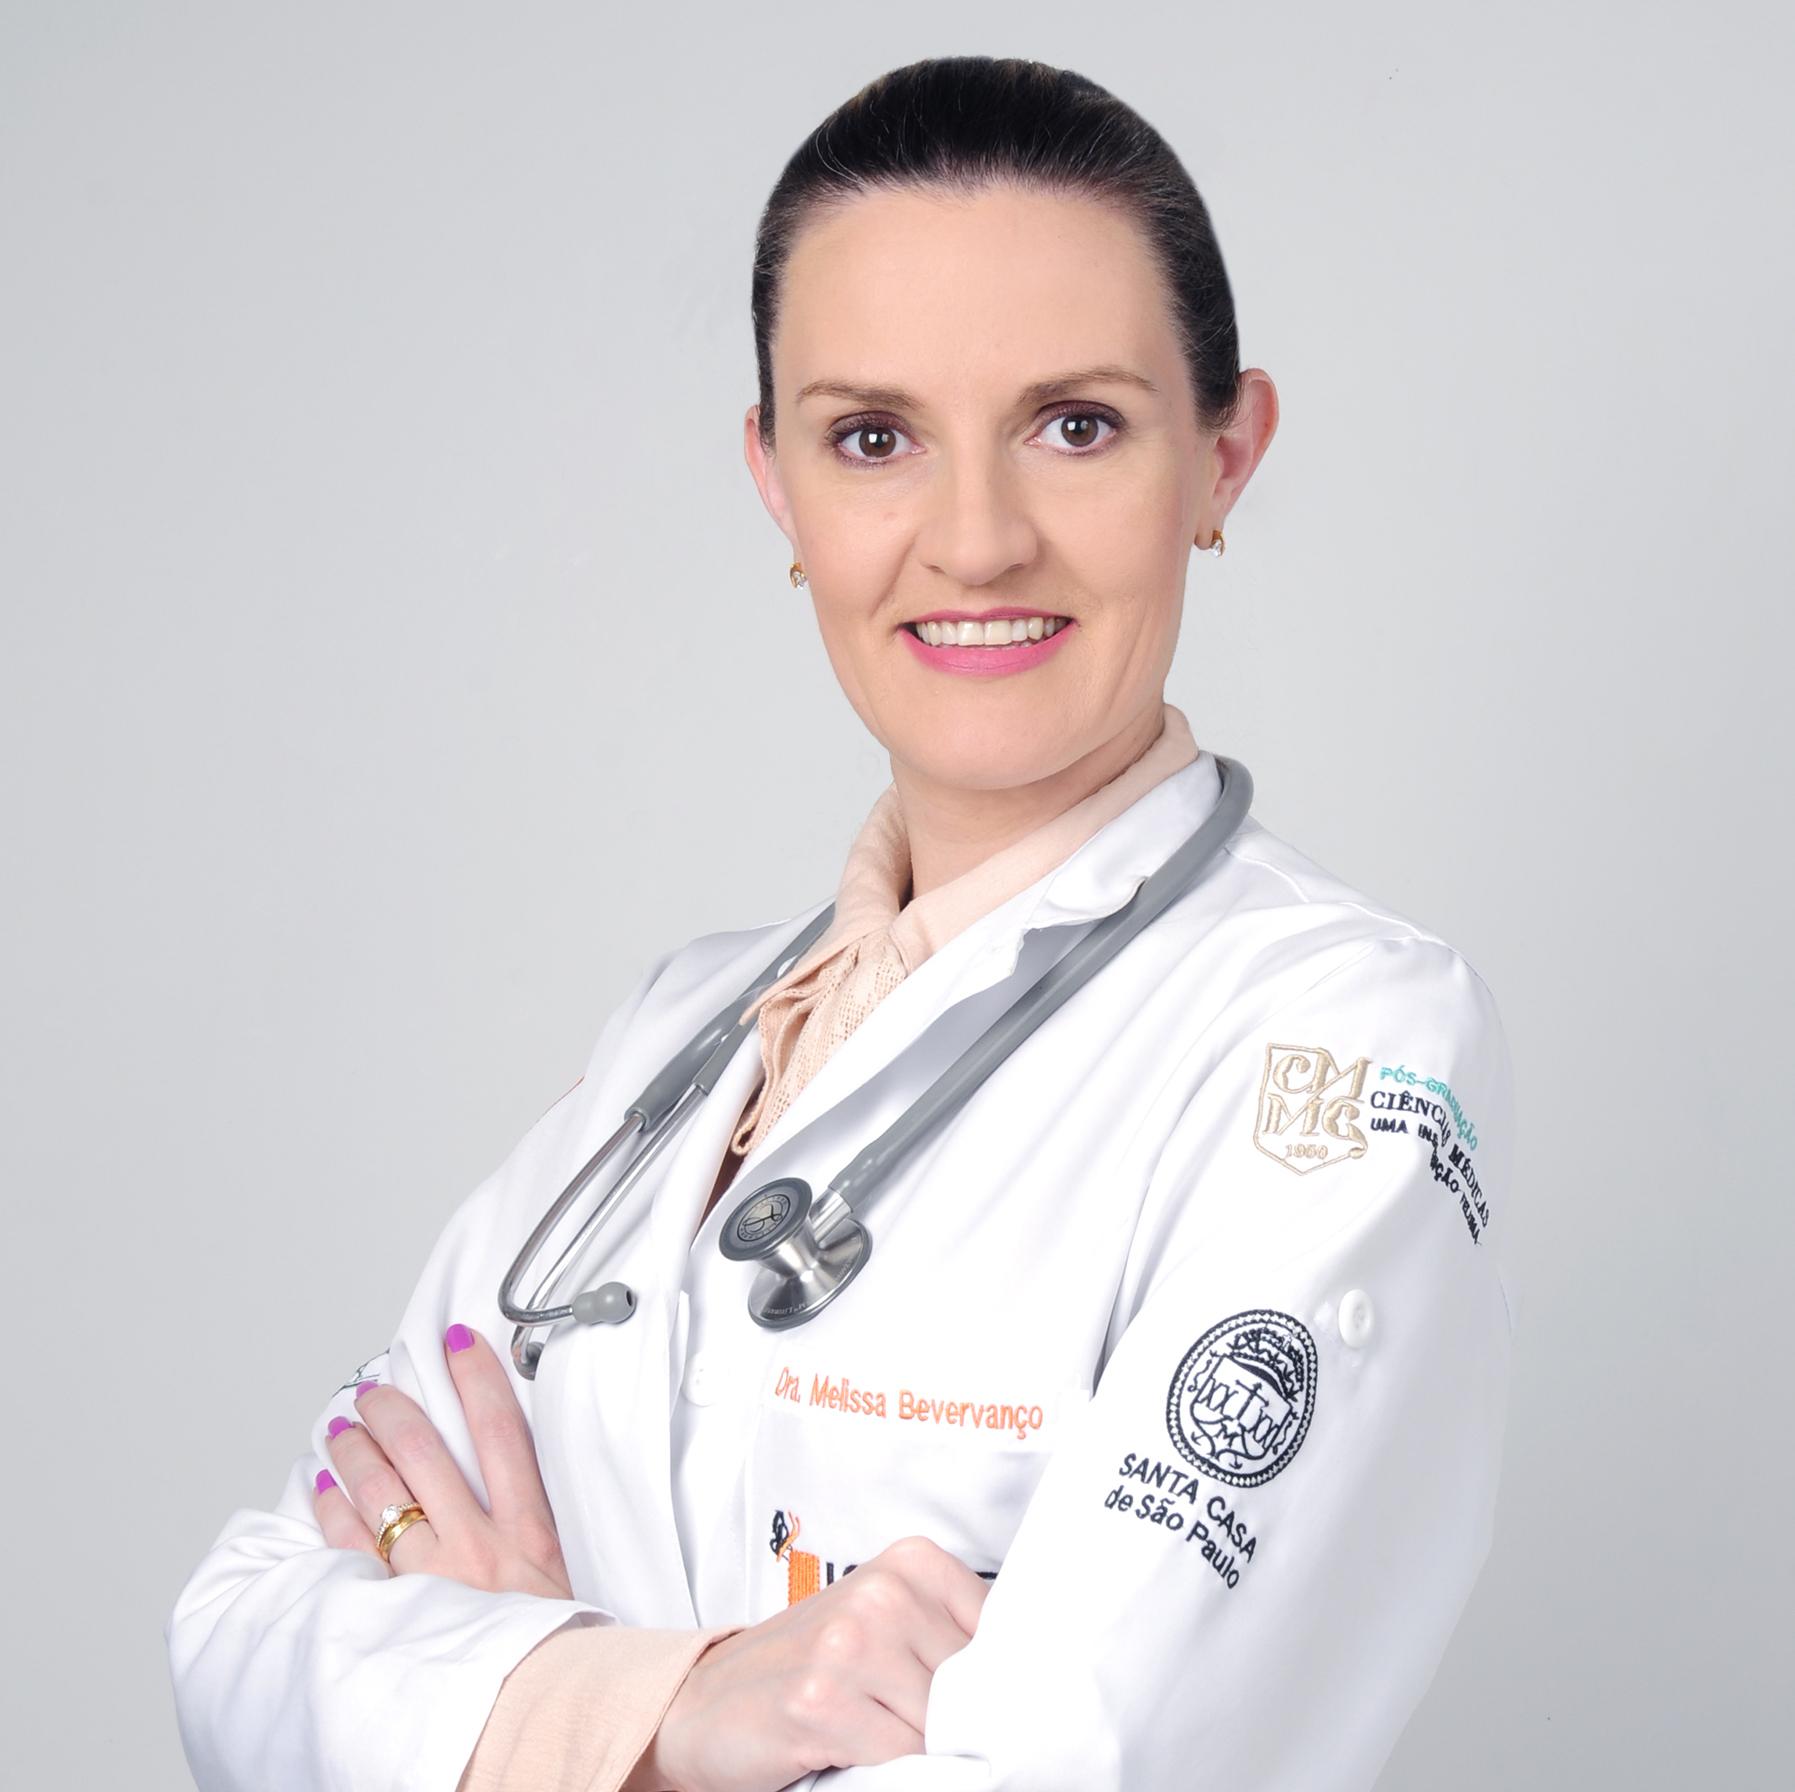 Melissa Bevervanco